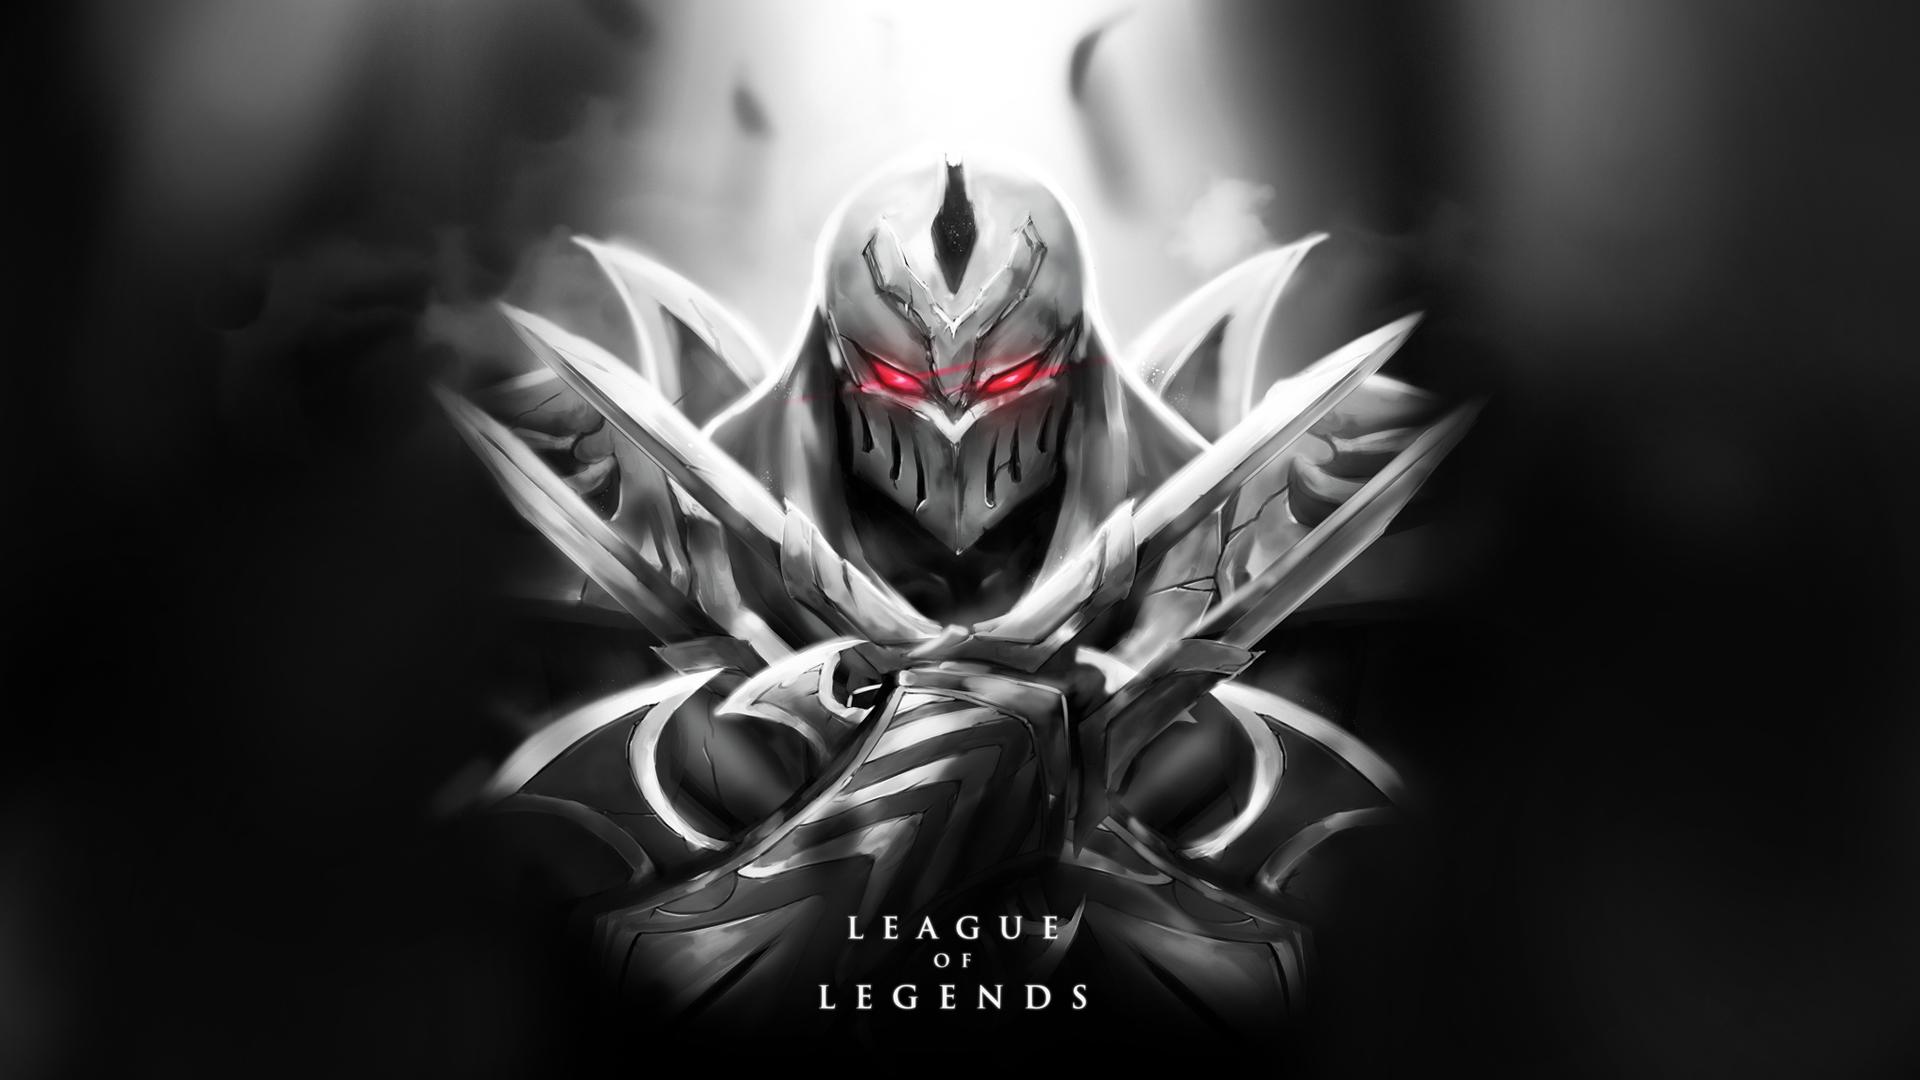 Zed Art Champion League Of Legends